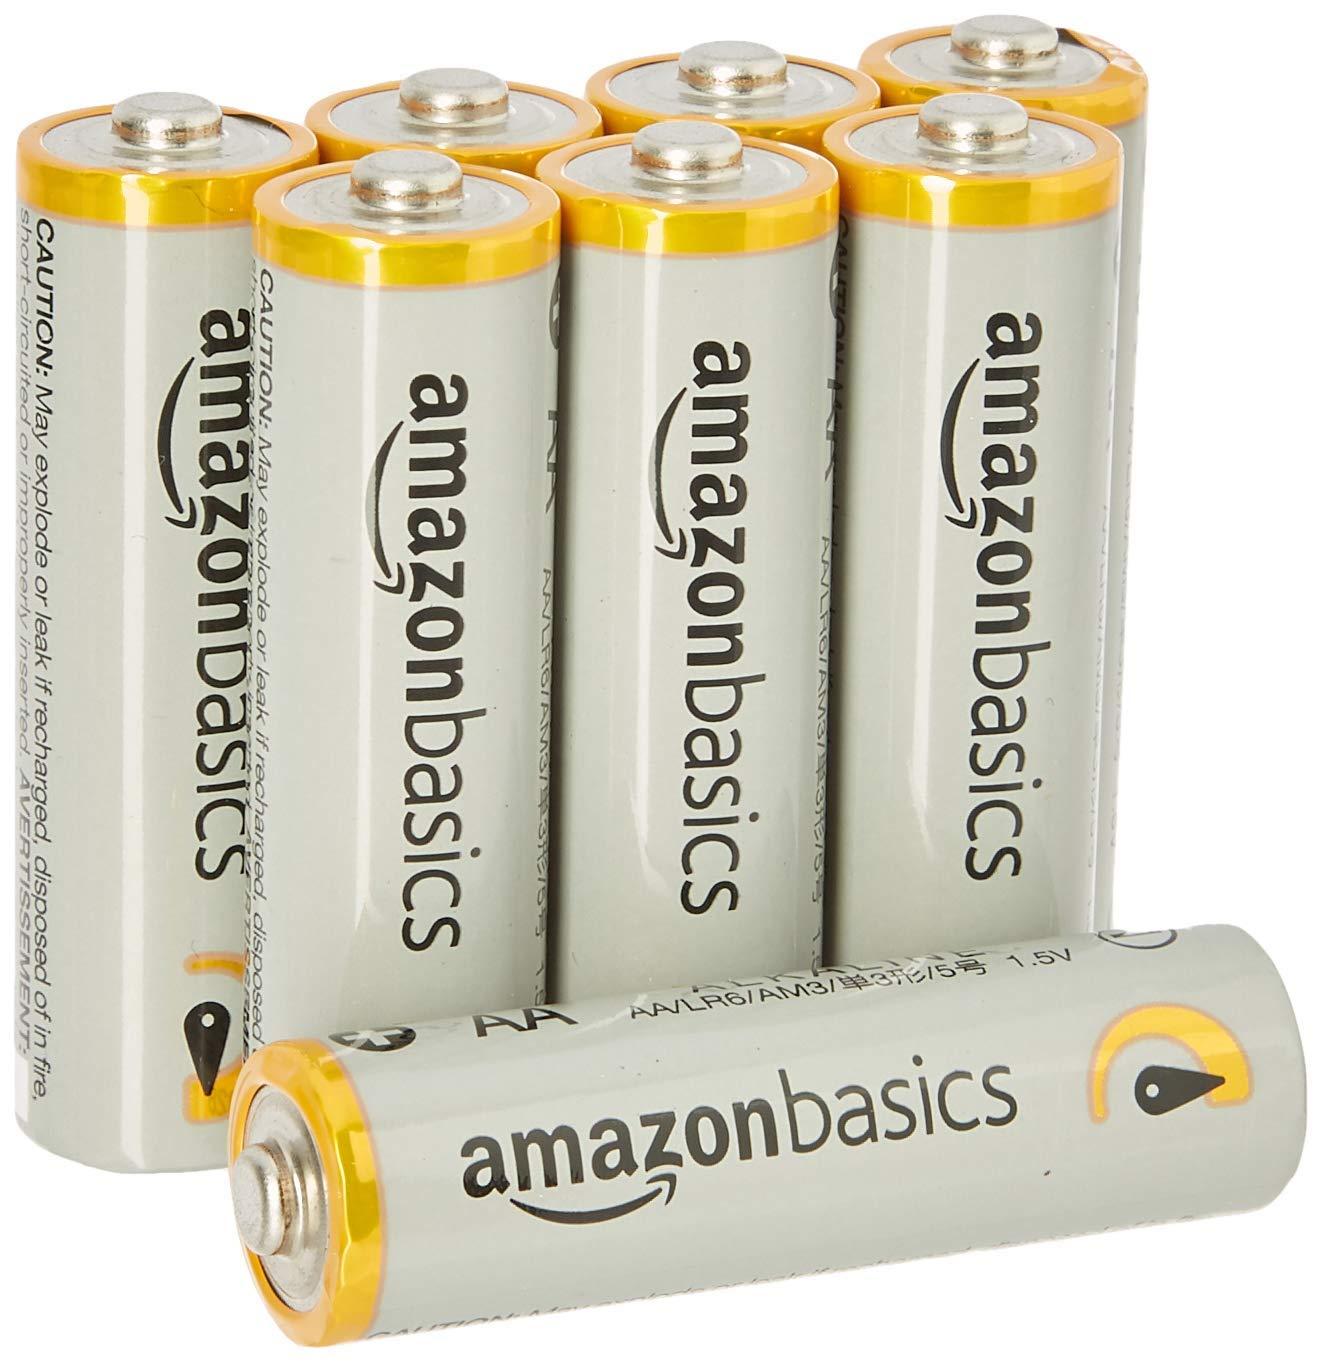 -20% sur une sélection de produits AmazonBasics - Ex : Lot de 8 piles alcalines Type AA AmazonBasics (1,5 V 2875 mAh)